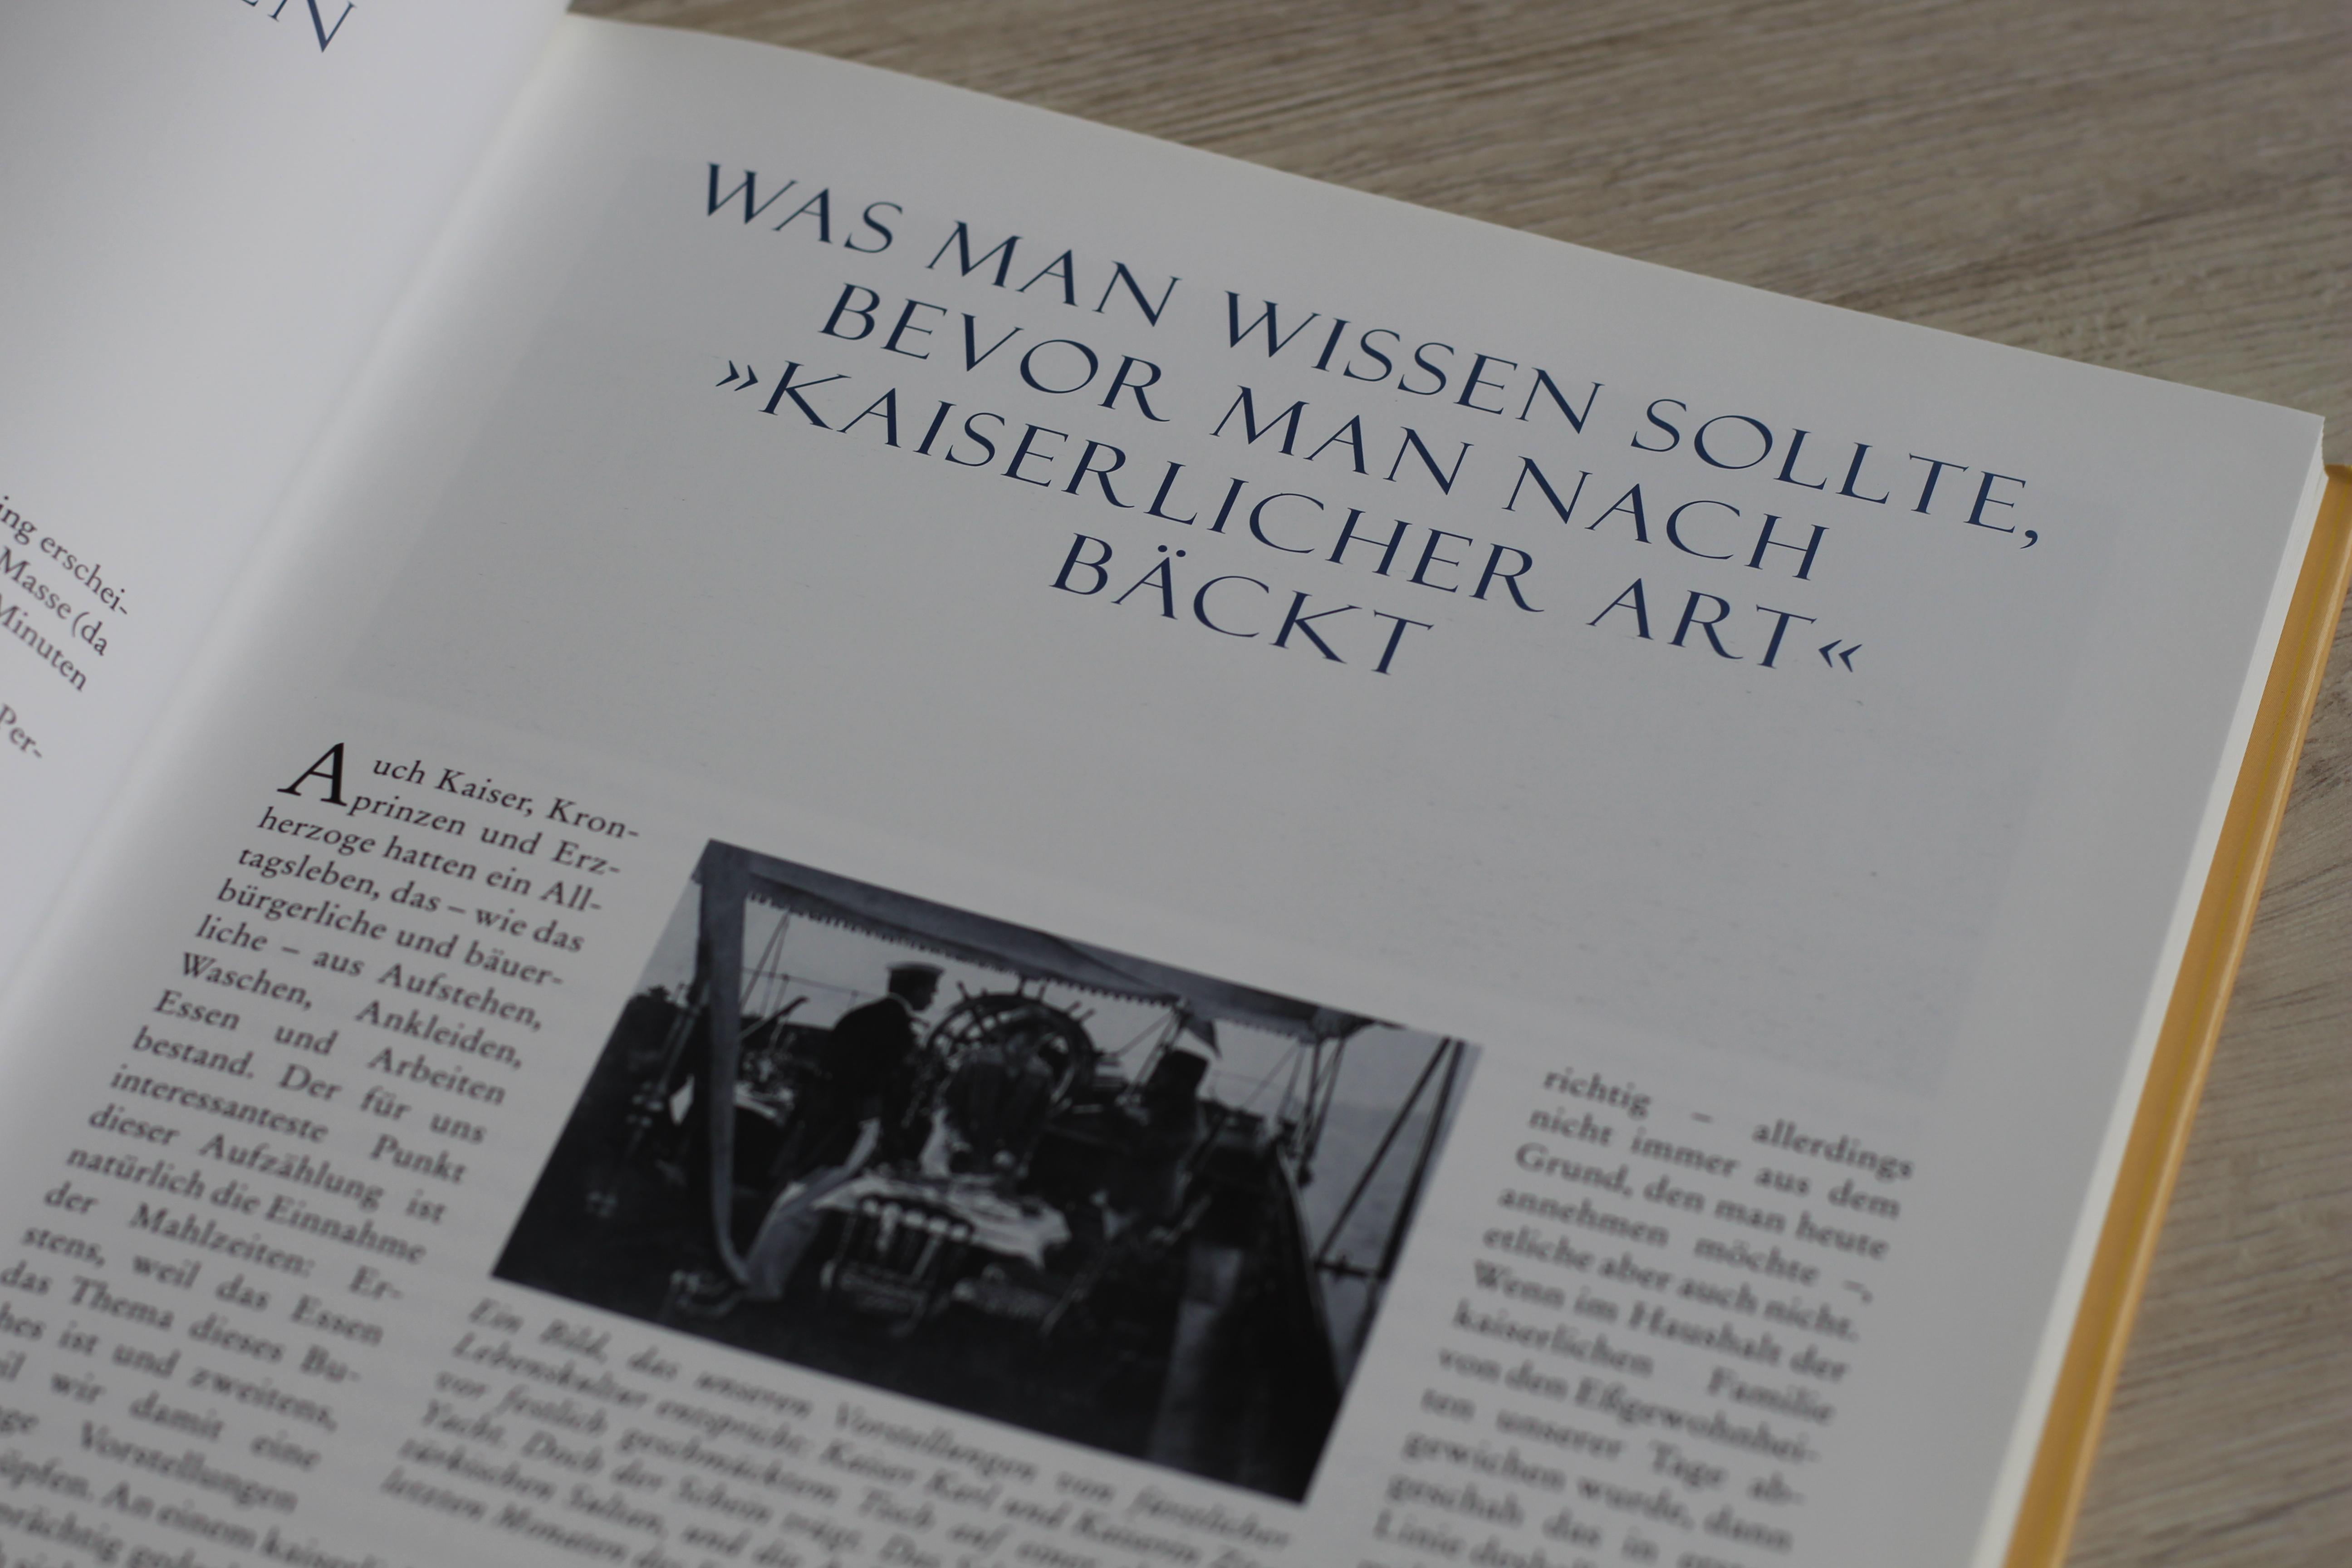 Vegan Kaiserschmarrn Dein Homespa, Soulfood, Austrian, Kochbuch (1)